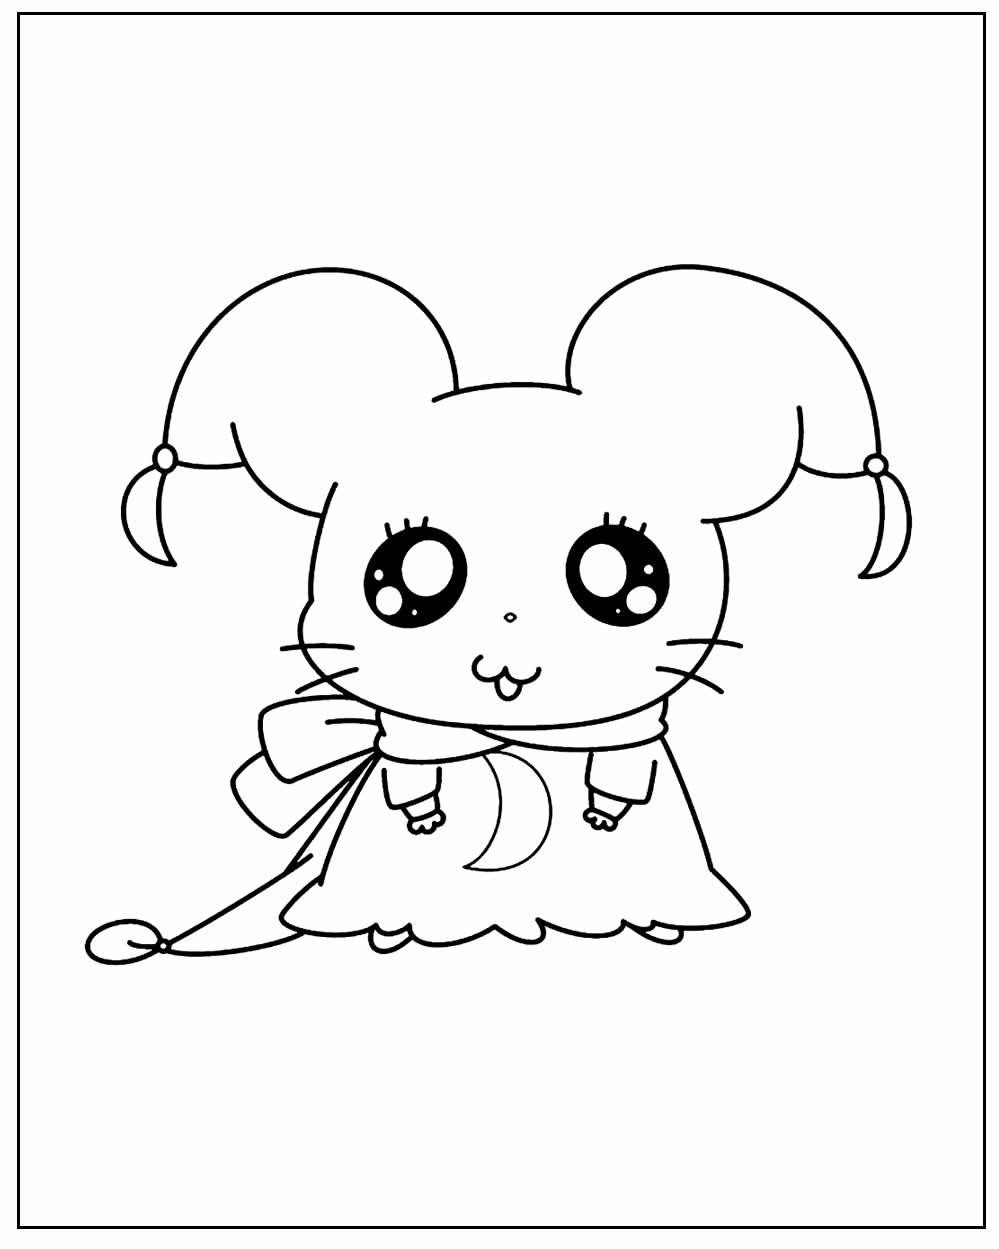 Página para colorir do Hamtaro